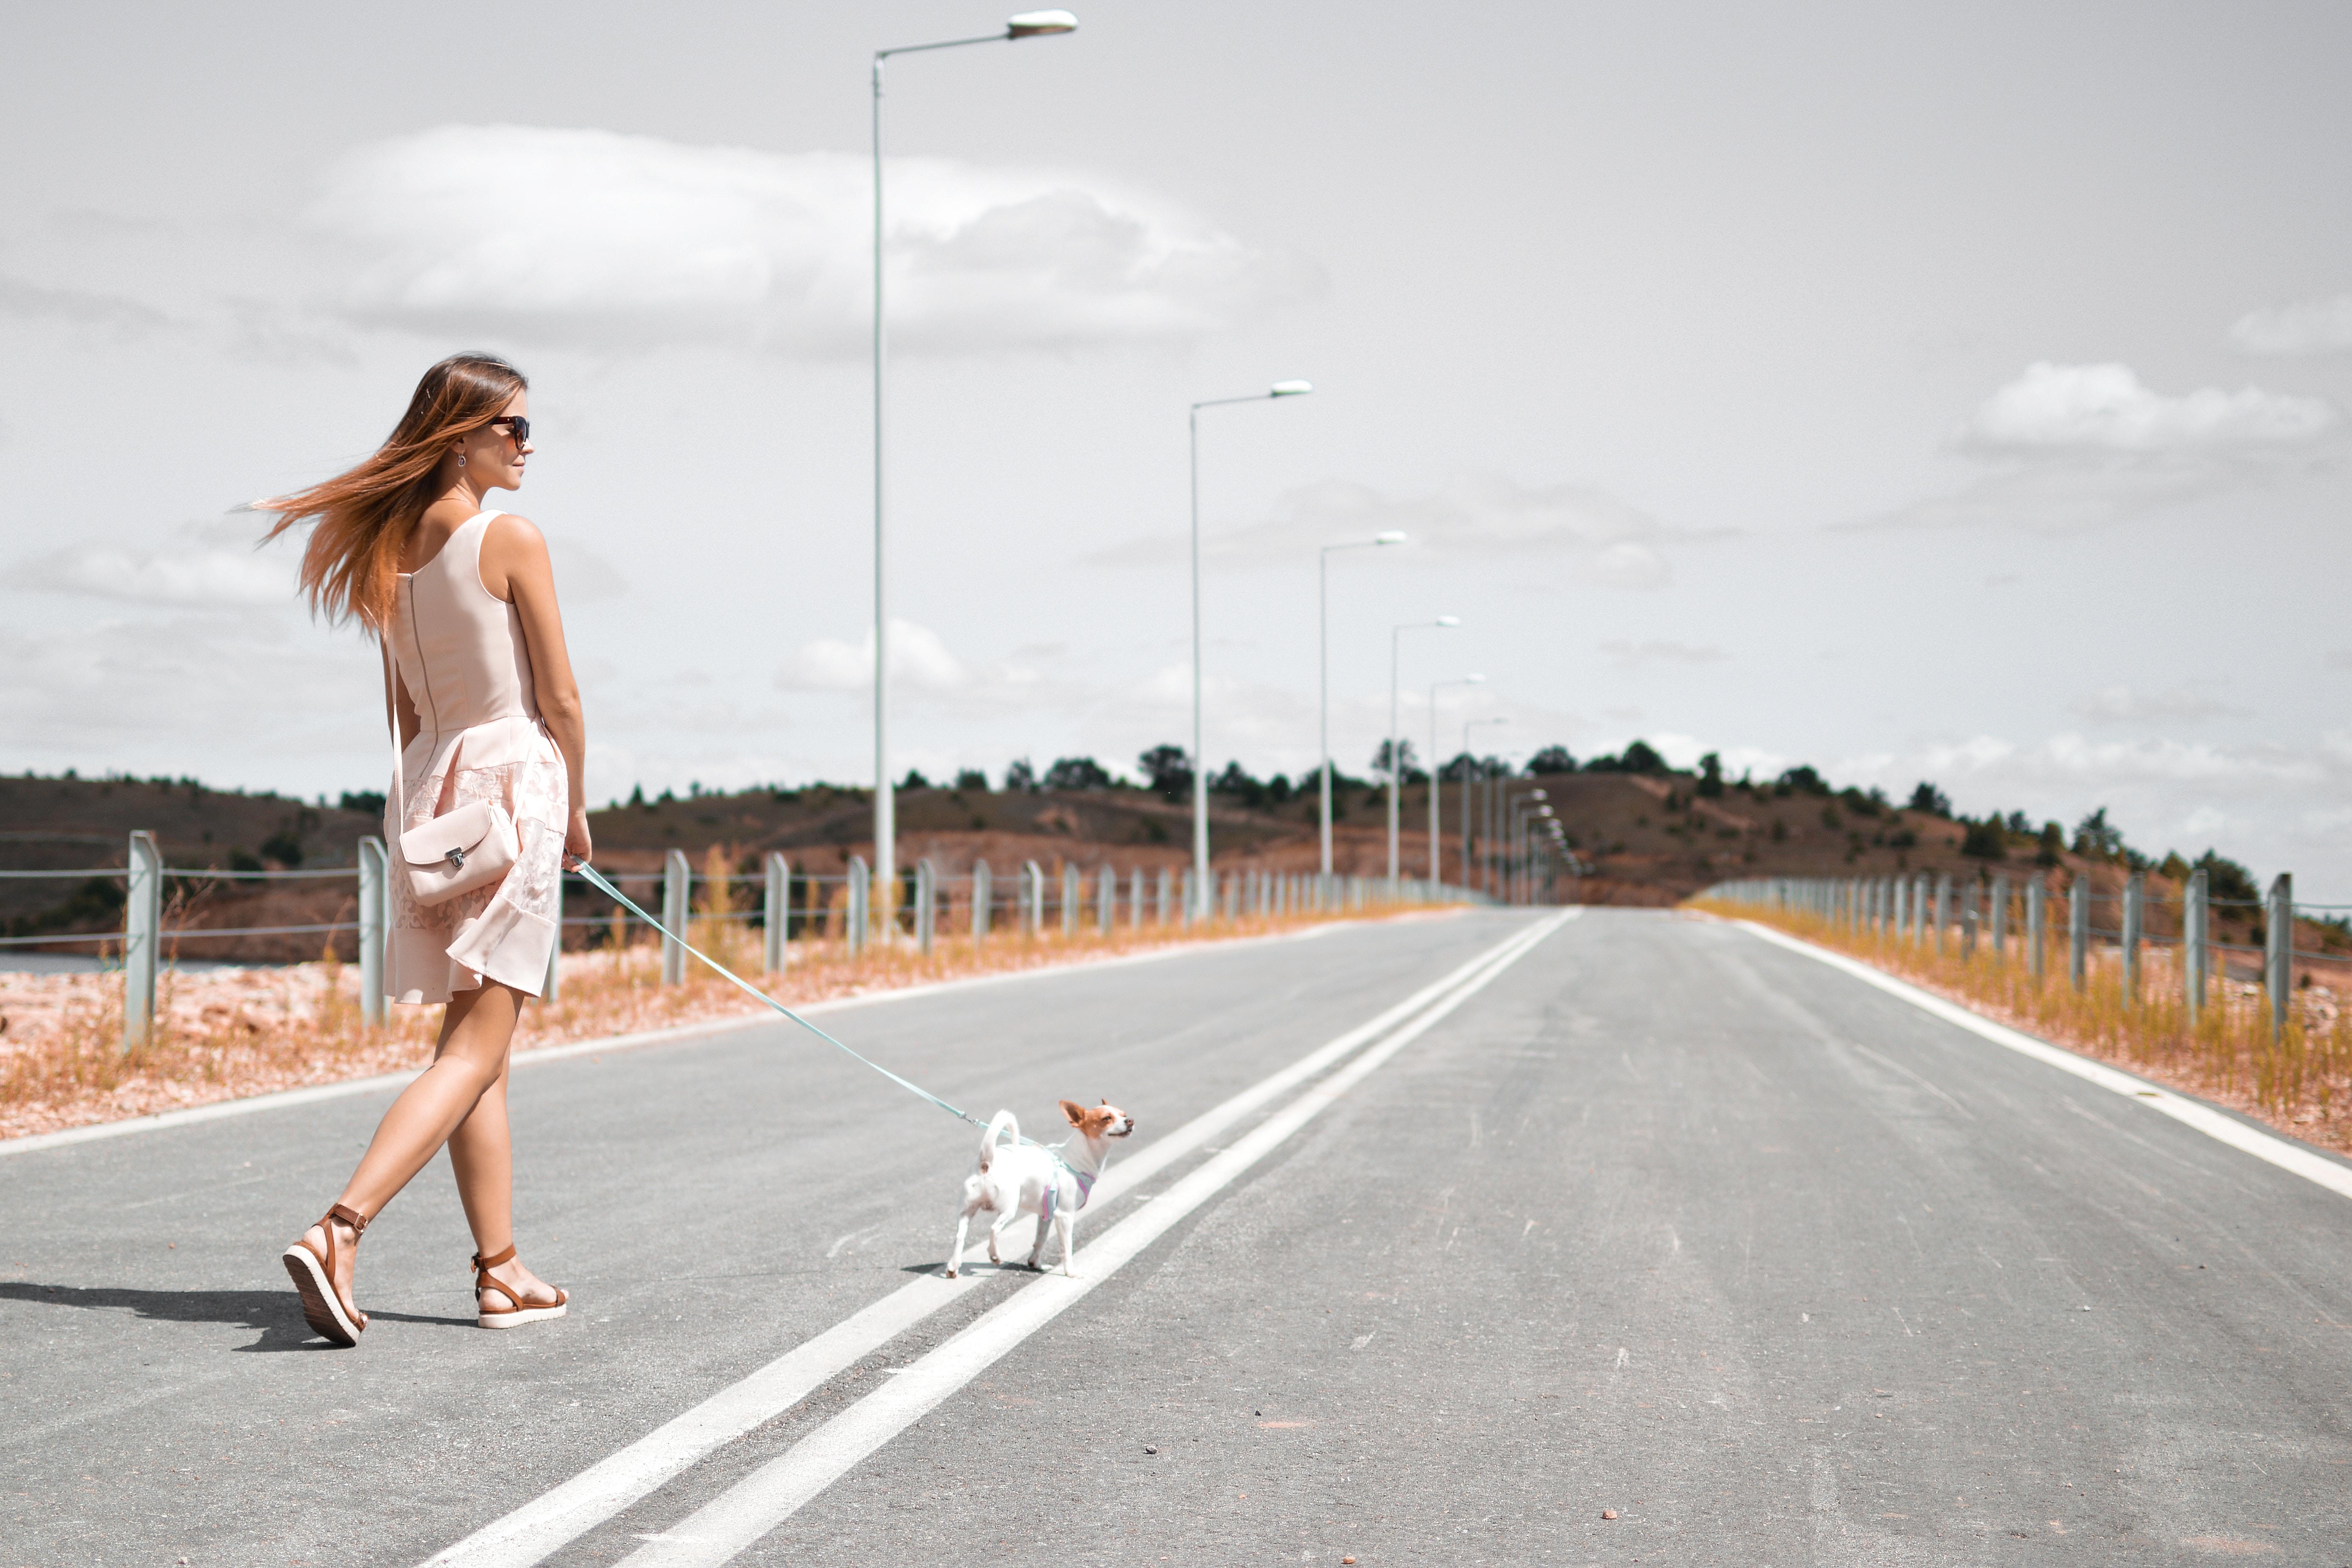 道路を歩いてる女性と犬